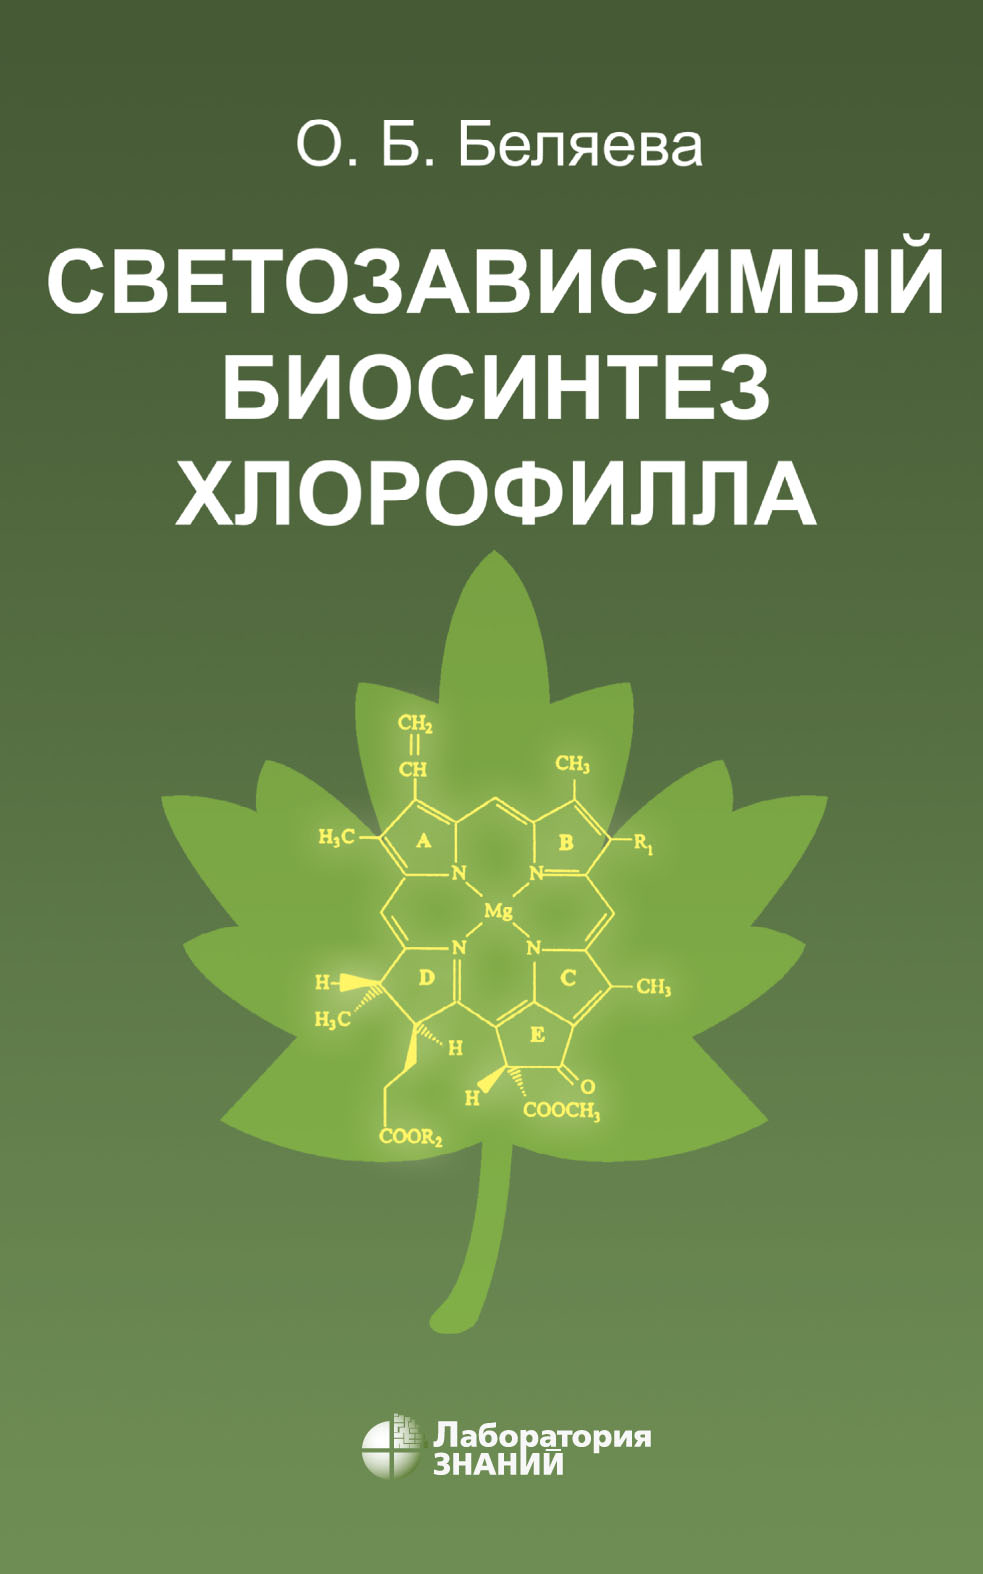 О. Б. Беляева Светозависимый биосинтез хлорофилла оплетка autoprofi ap 810 d gy gy be m